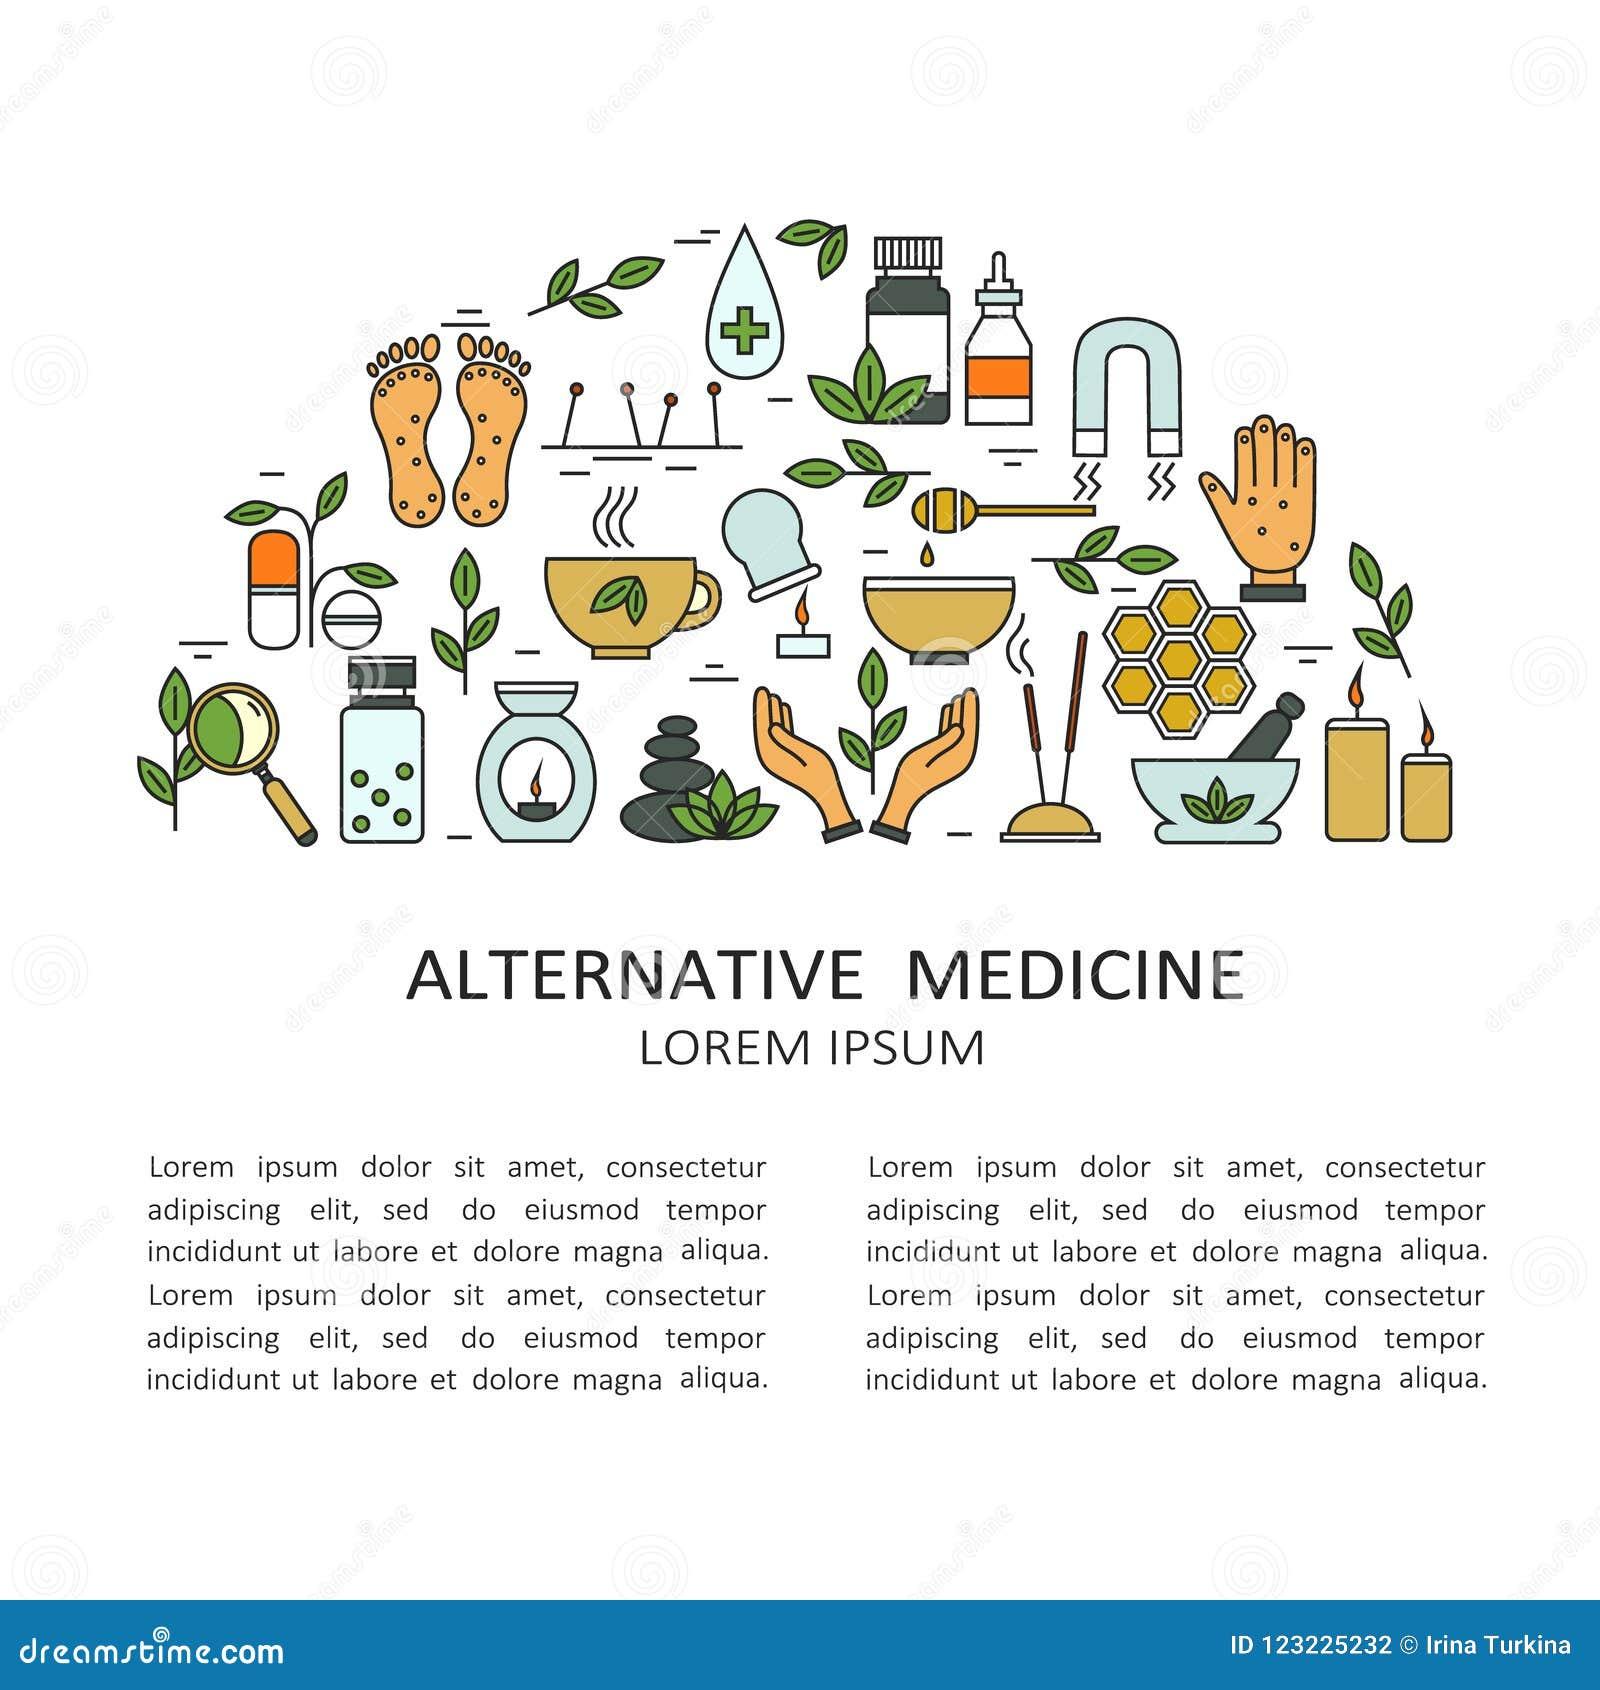 Bakgrund med symboler av alternativ medicin och text